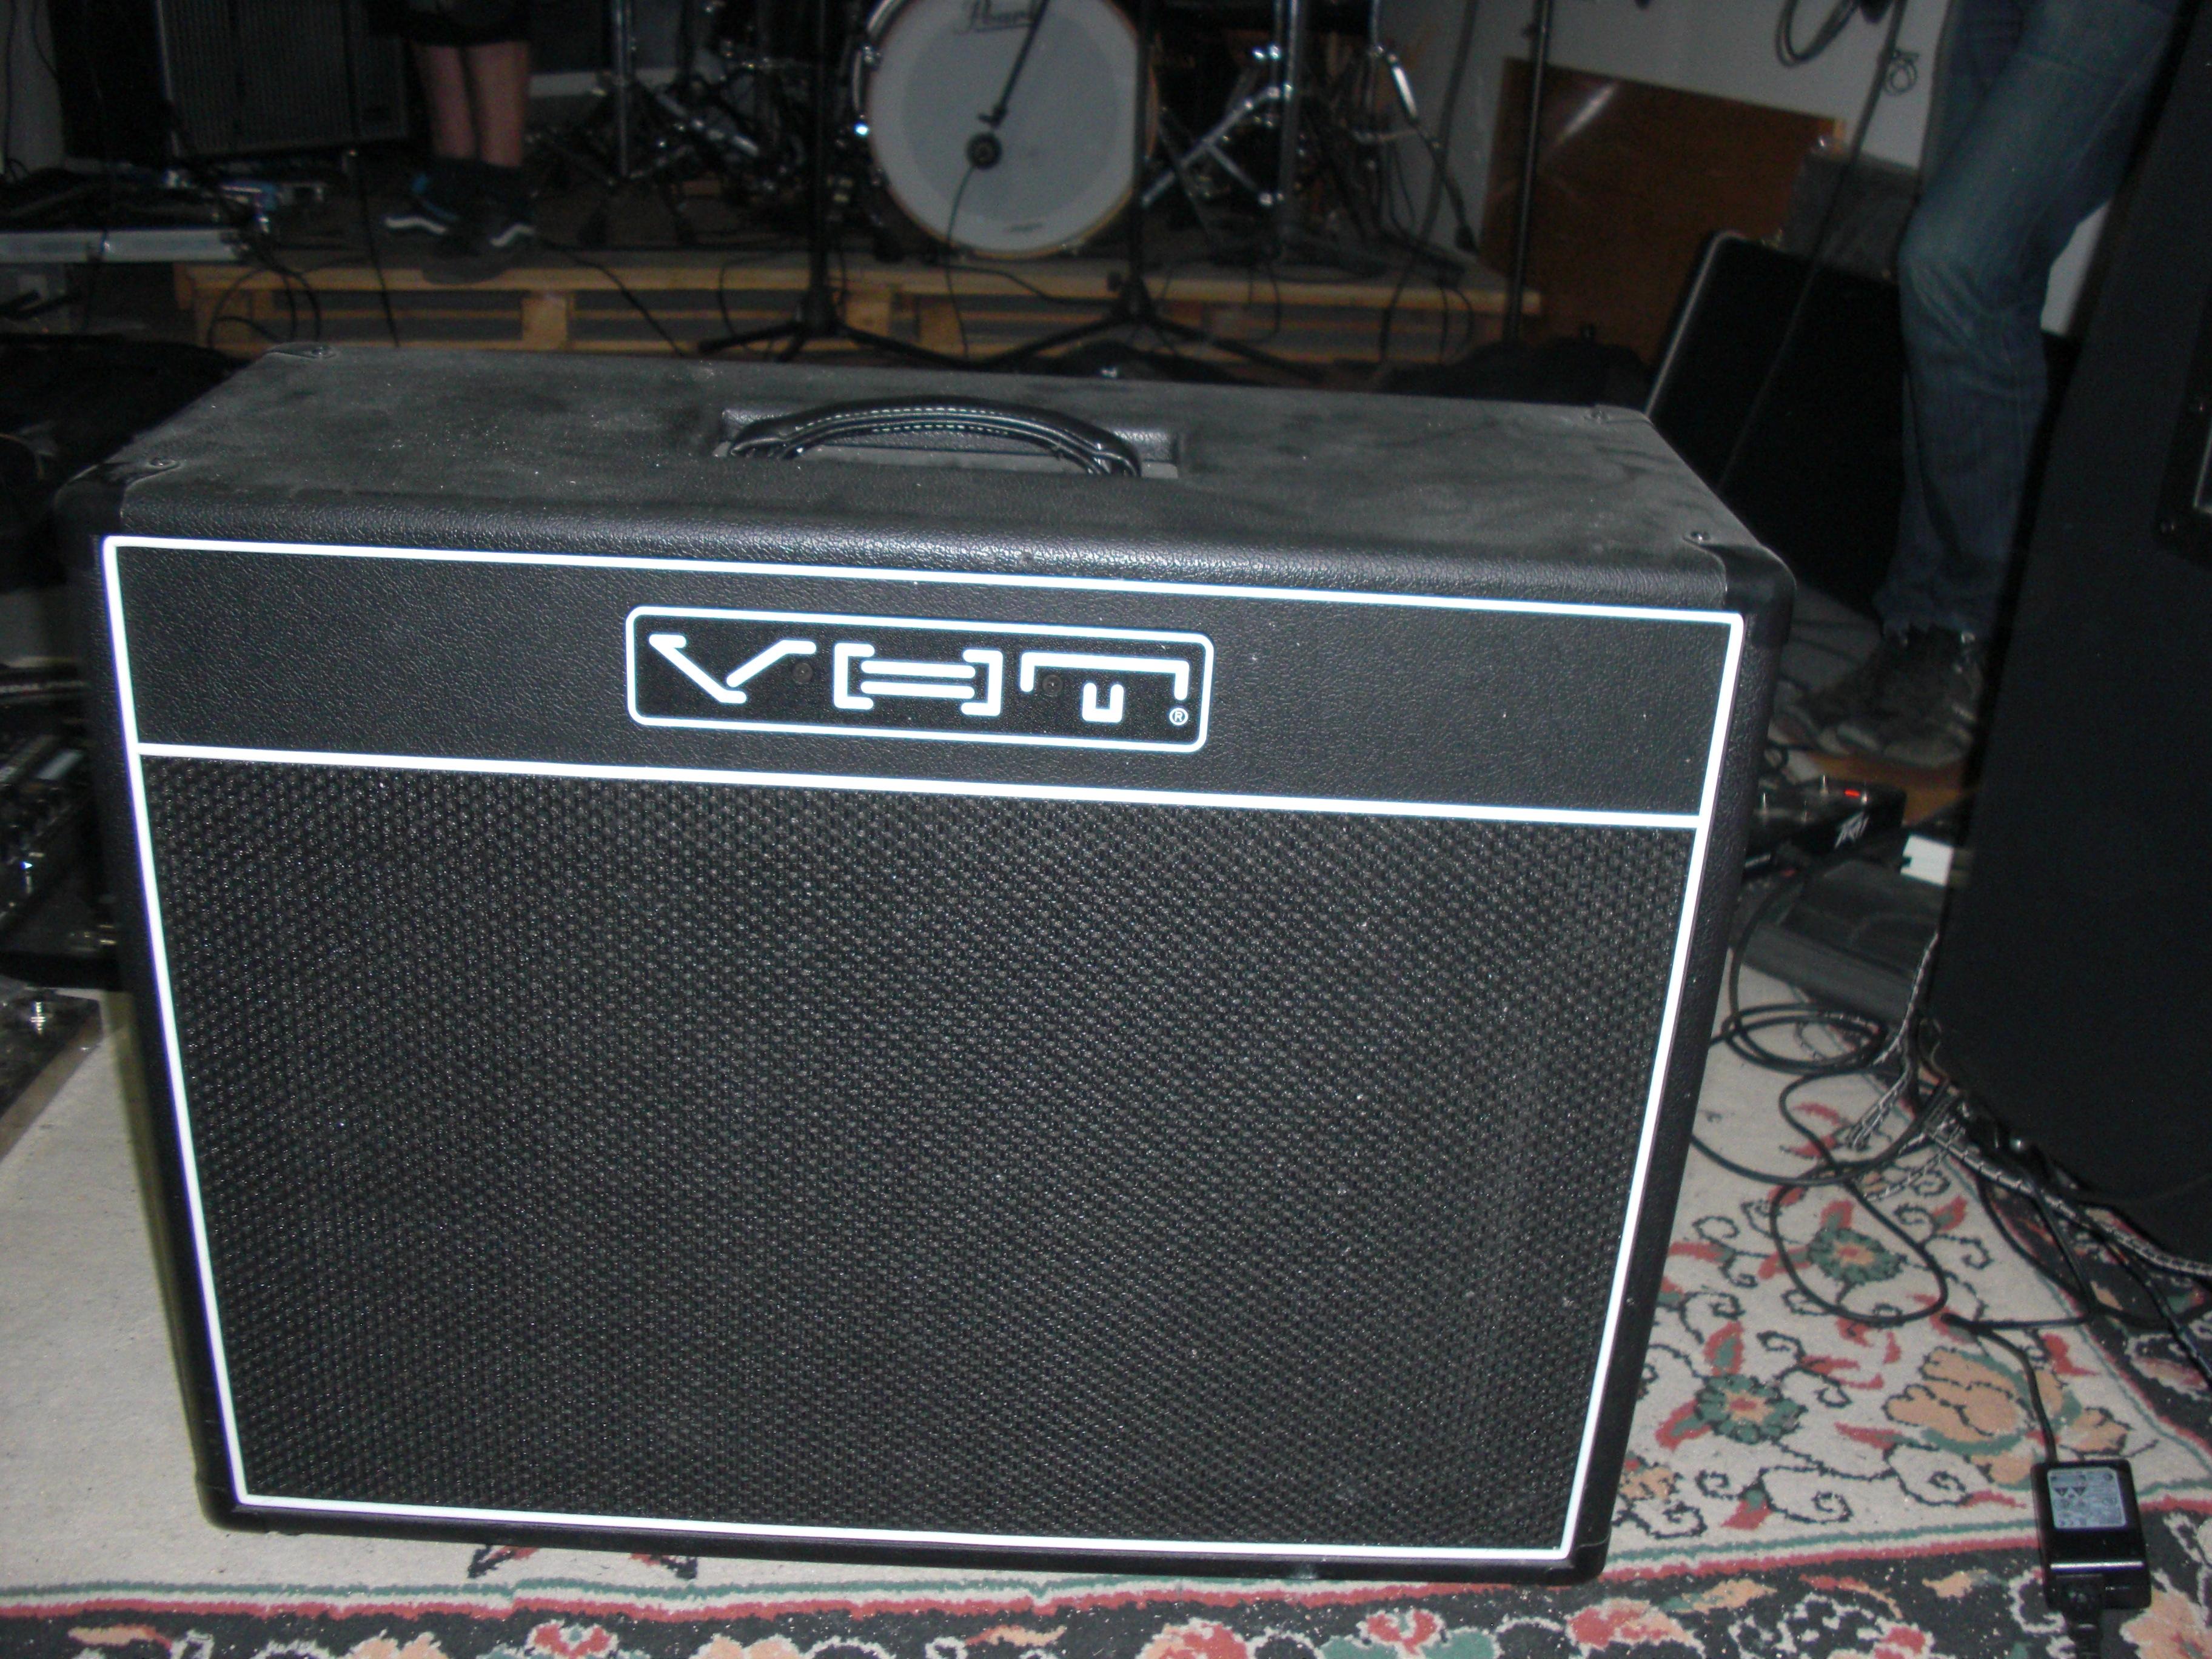 VHT Amplification (AXL) AV-SP-212VHT image (#432889) - Audiofanzine